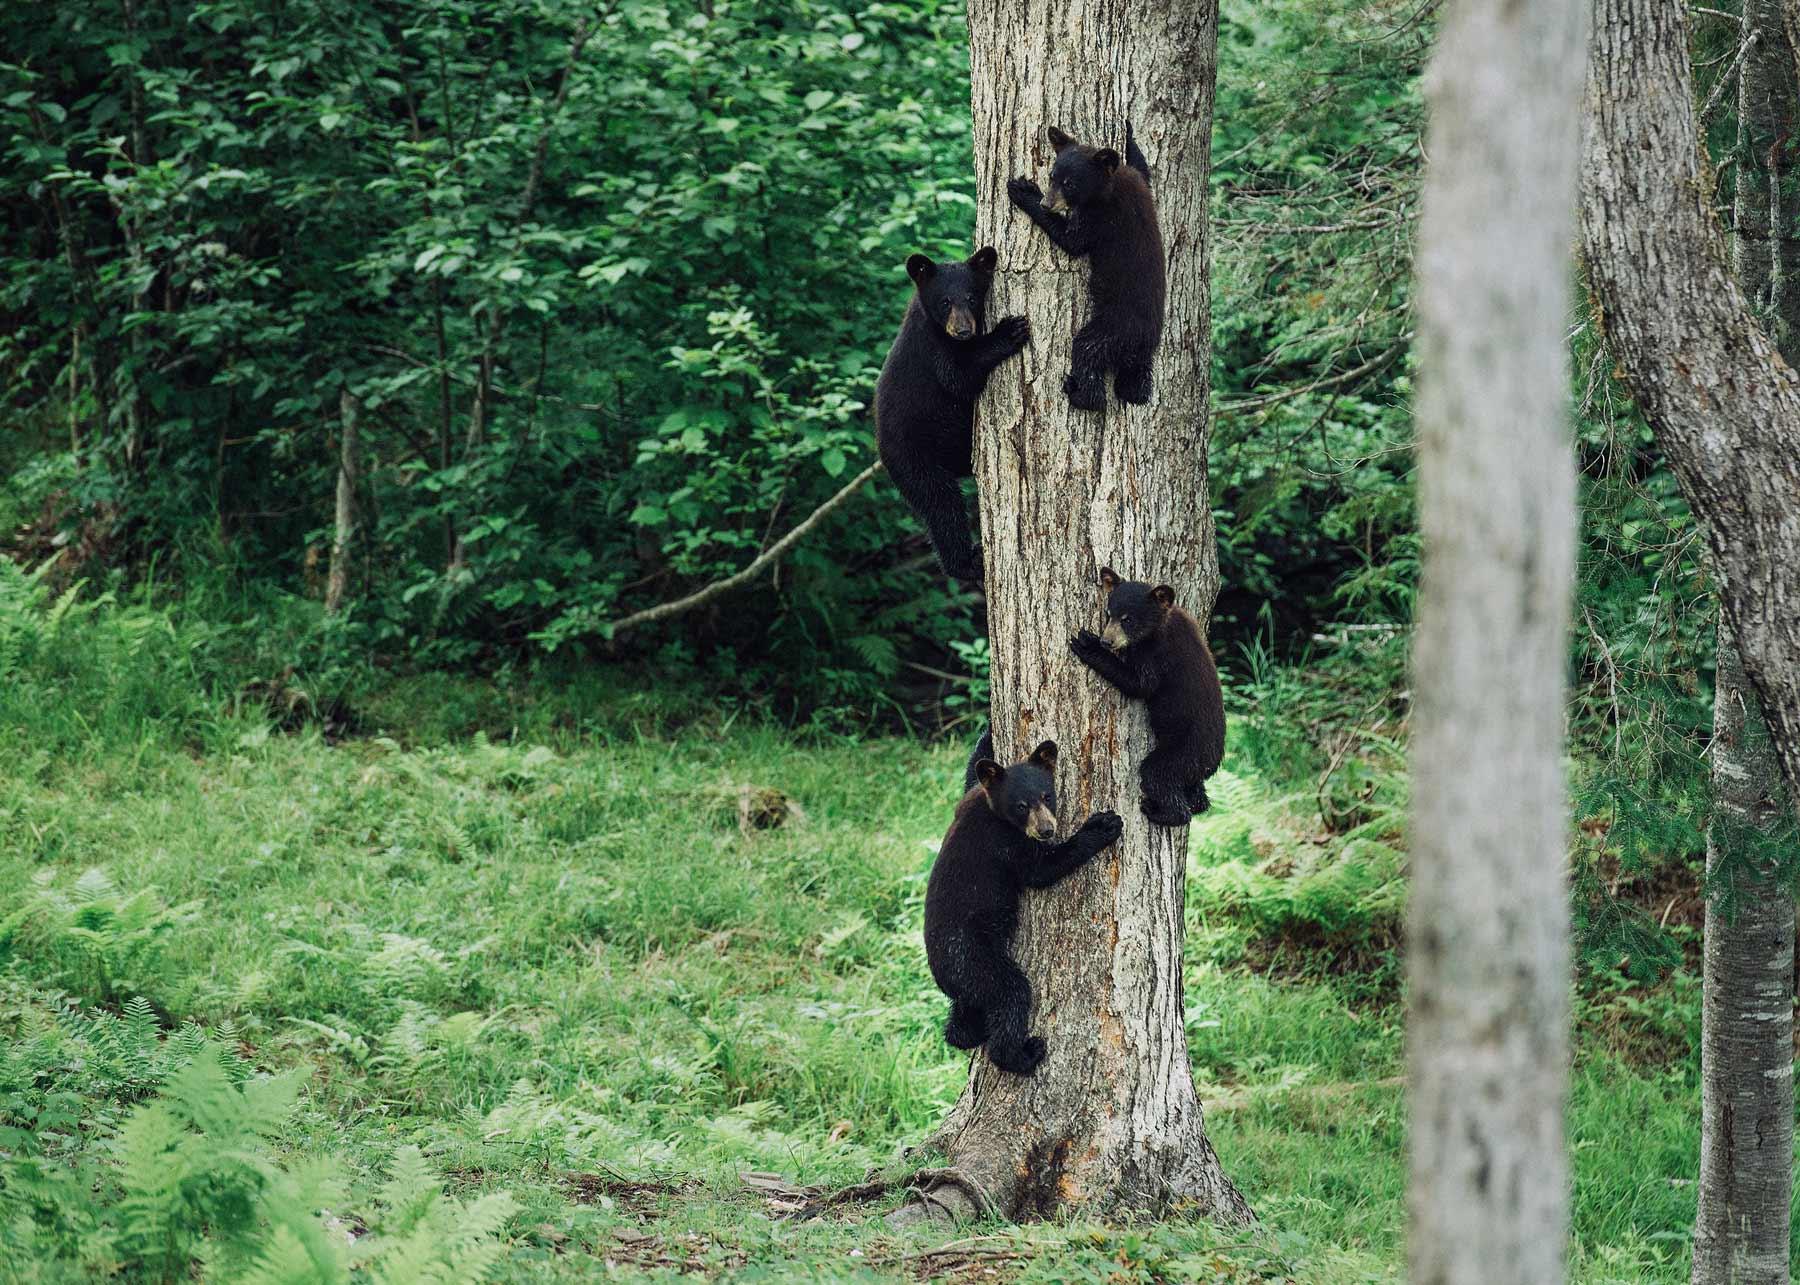 ou voir des ours en liberté au canada